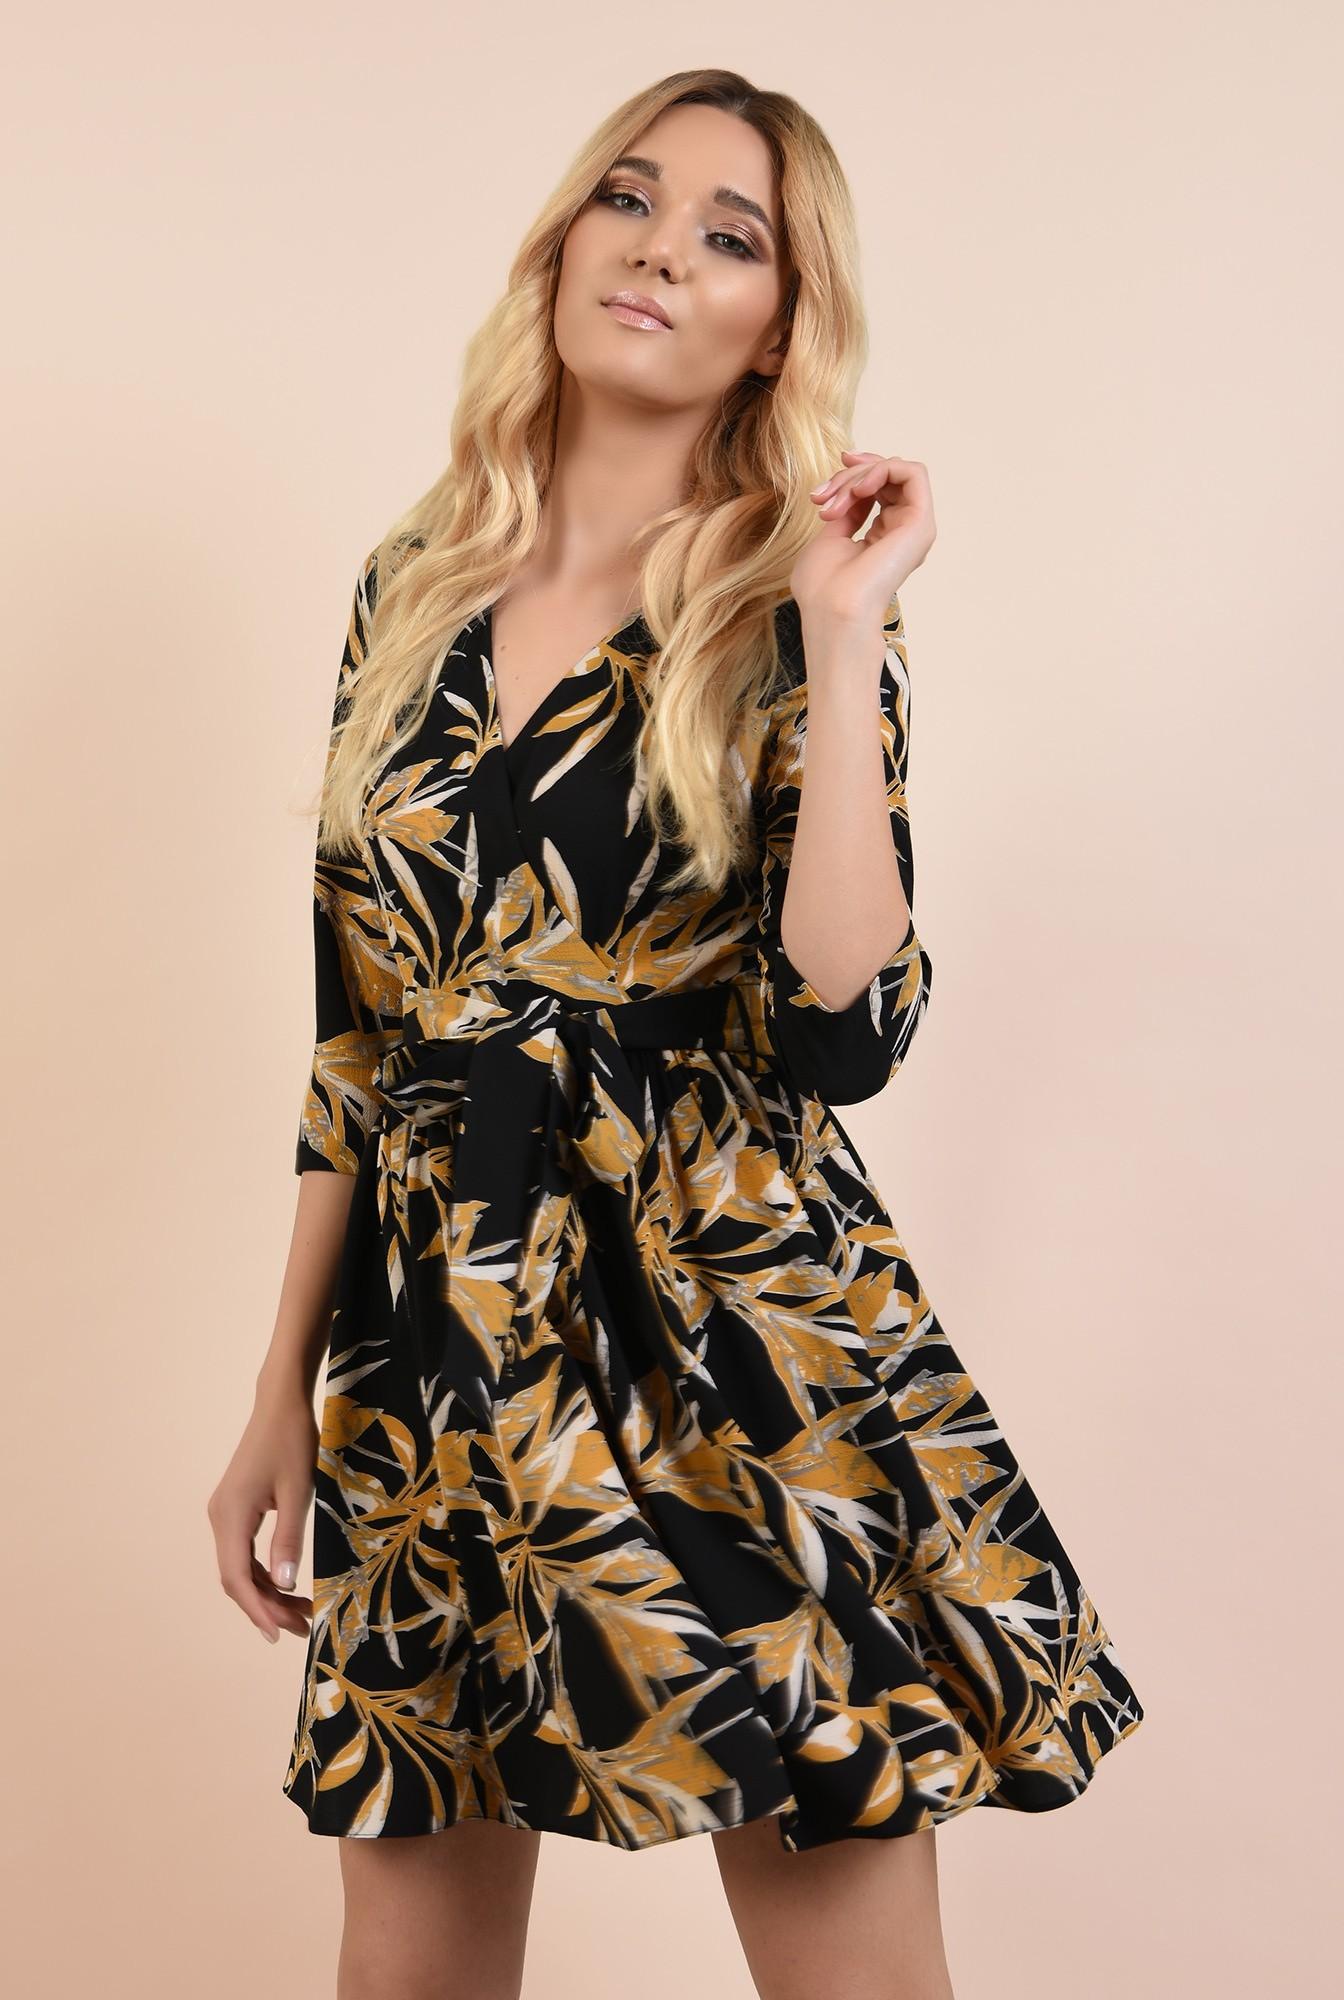 0 - 360 - rochie casual, scurta, cu print floral, anchior petrecut, Poema